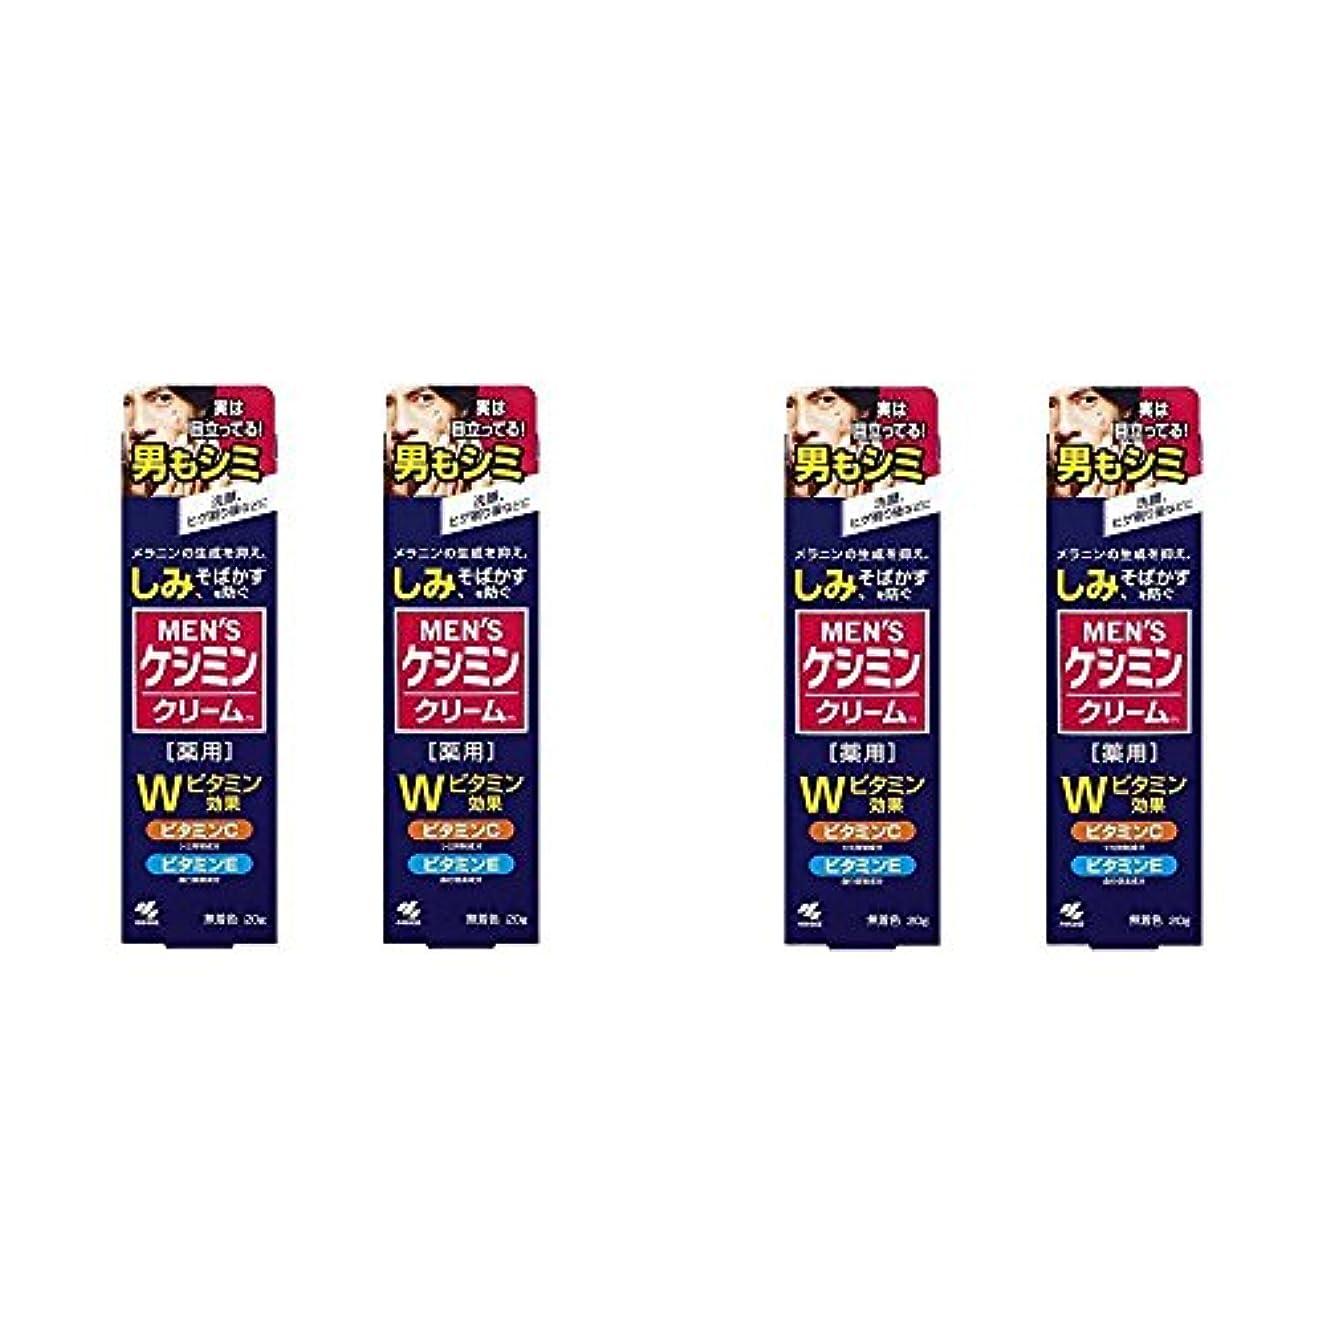 パラナ川いつでも降臨【セット品】メンズケシミンクリーム 男のシミ対策 20g (4個)